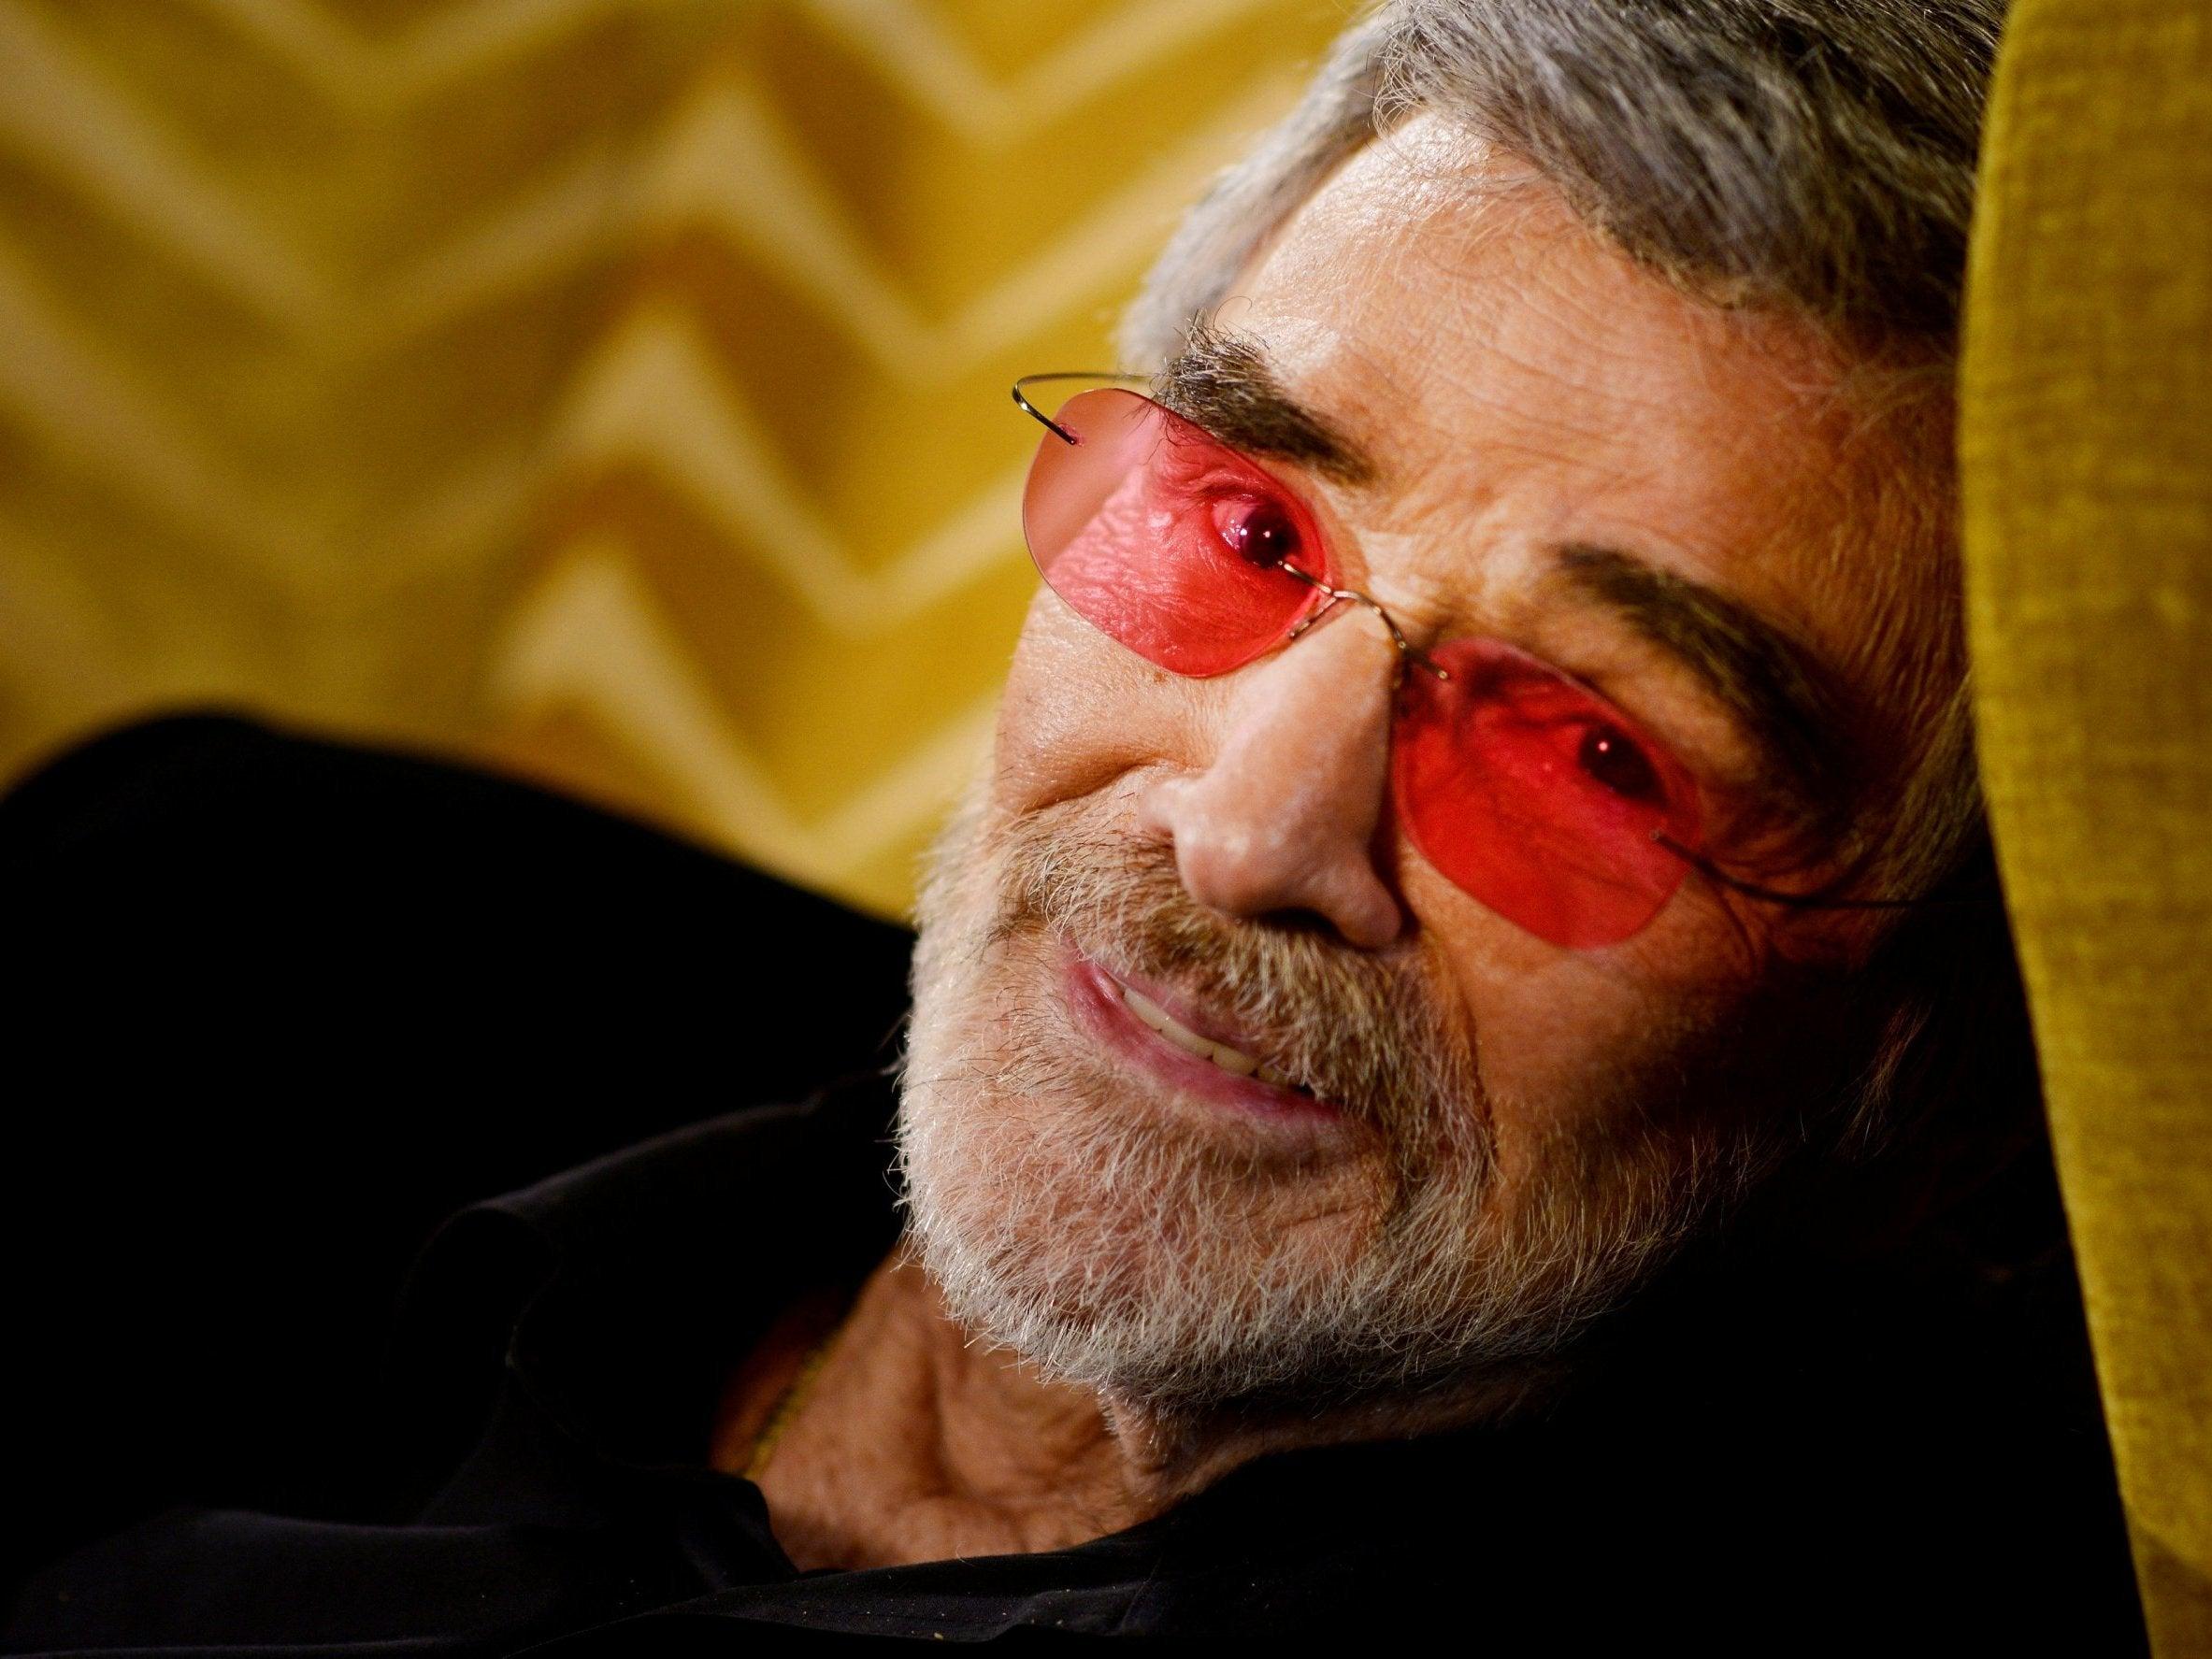 Burt Reynolds Mustache Drink Chapstick